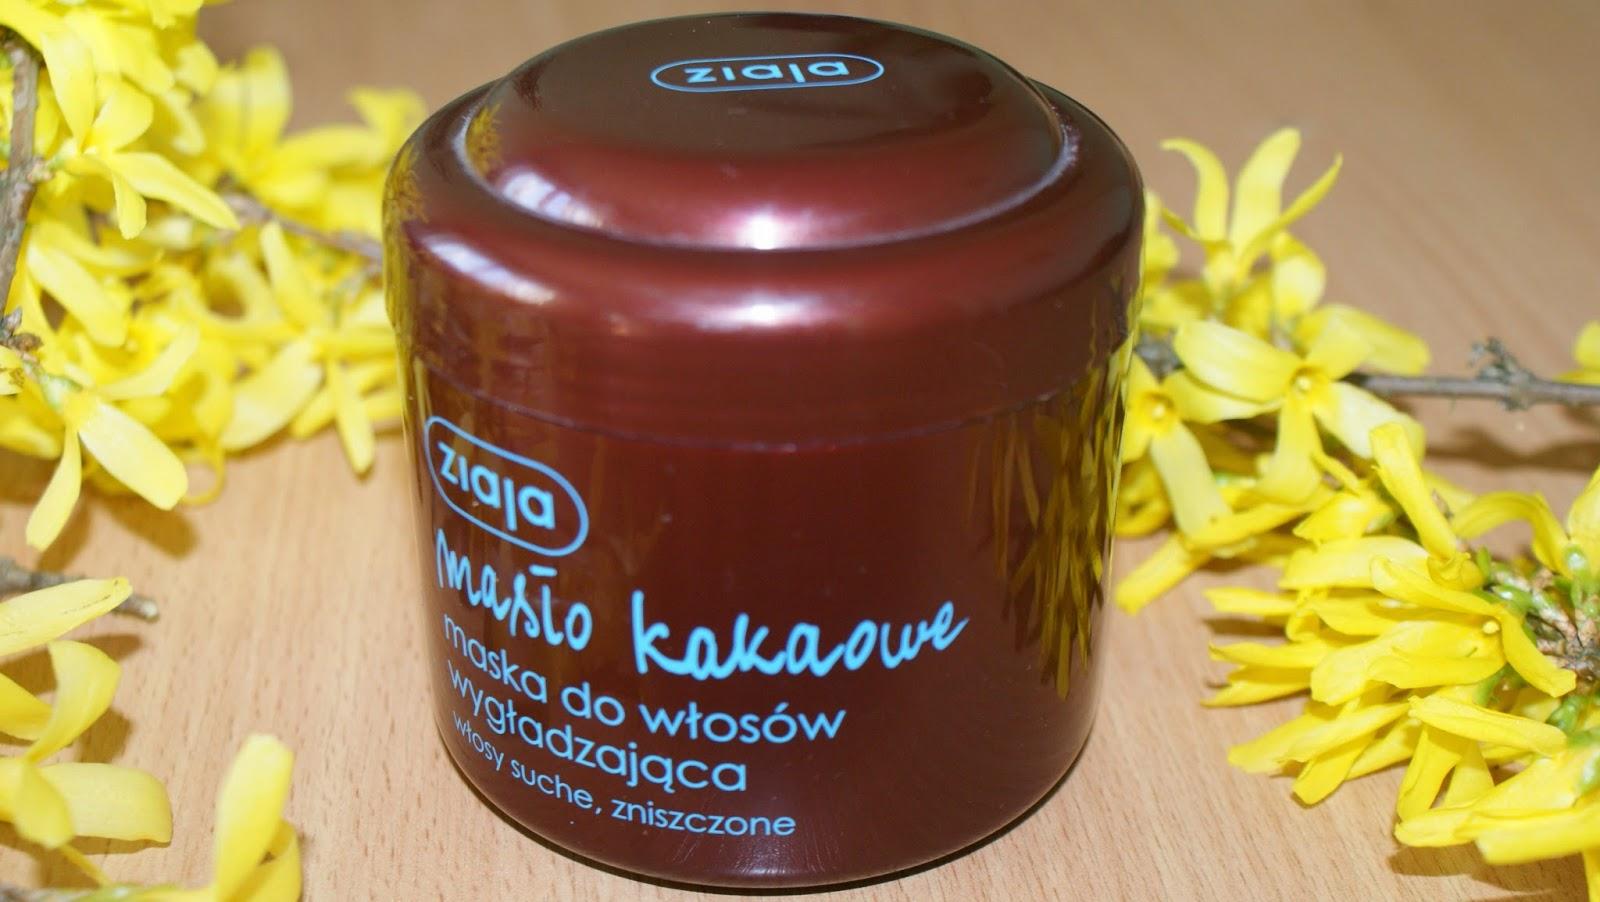 Ziaja Masło Kakaowe Maska wygładzająca do włosów suchych i zniszczonych - Recenzja